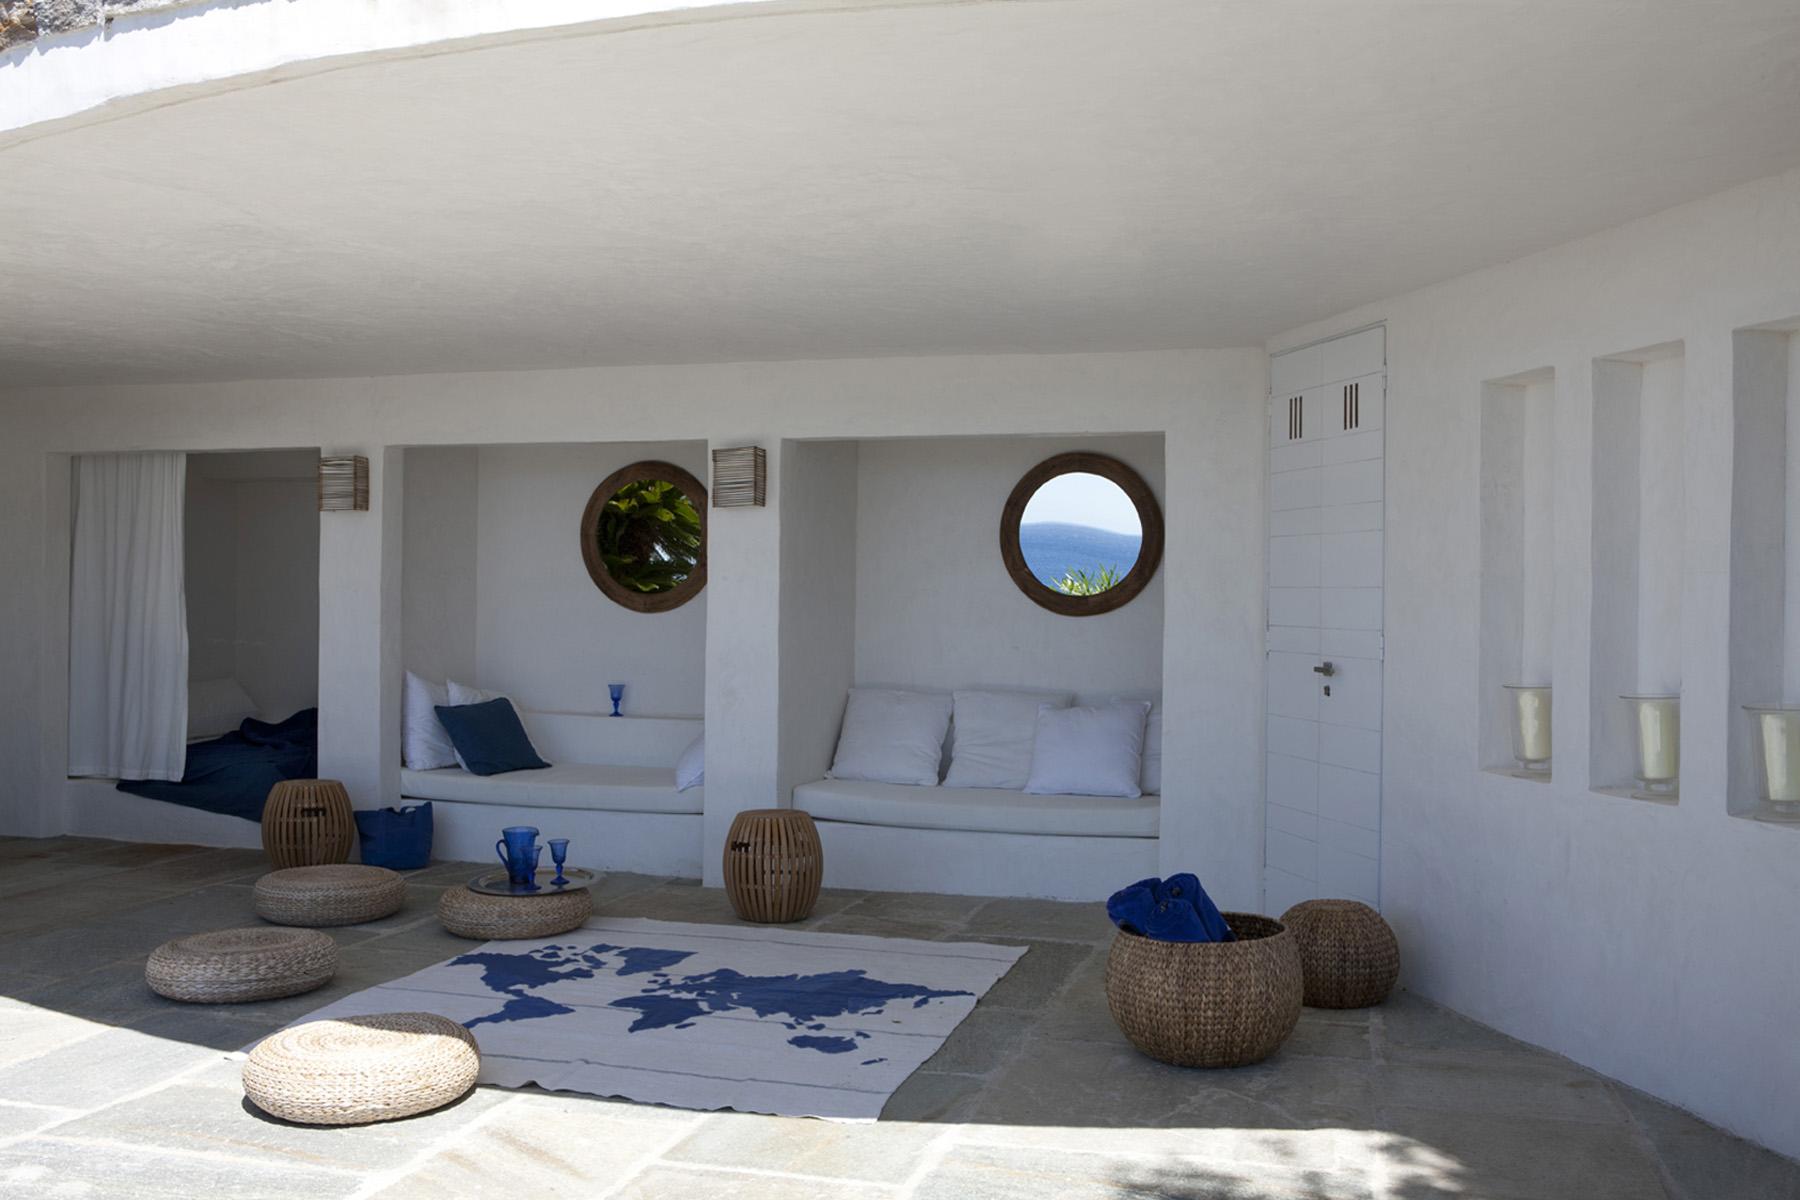 Hr1 florence watine architecte designer decoratrice paris france maison villa st tropez hublots share